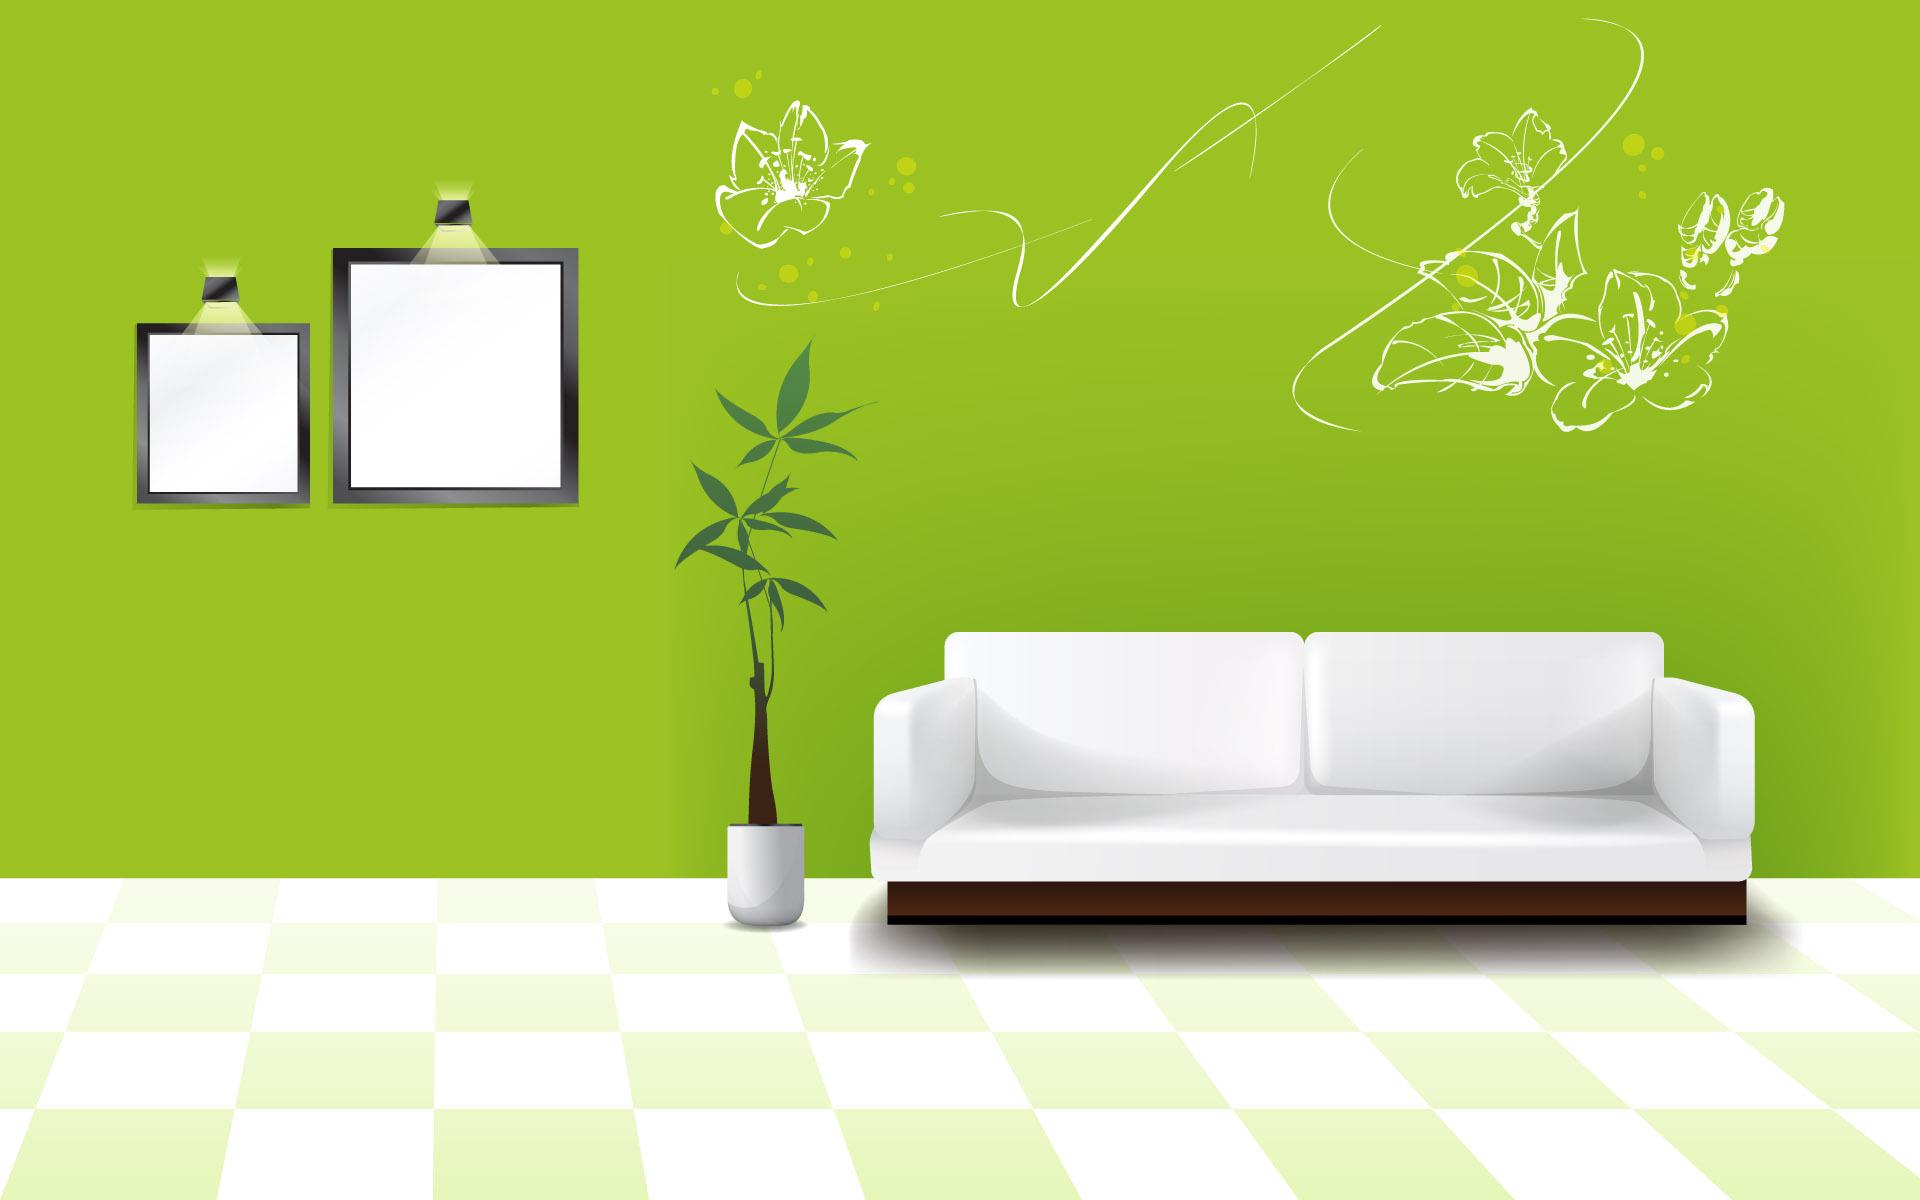 зеленые обои на стену фон имела мозаичное